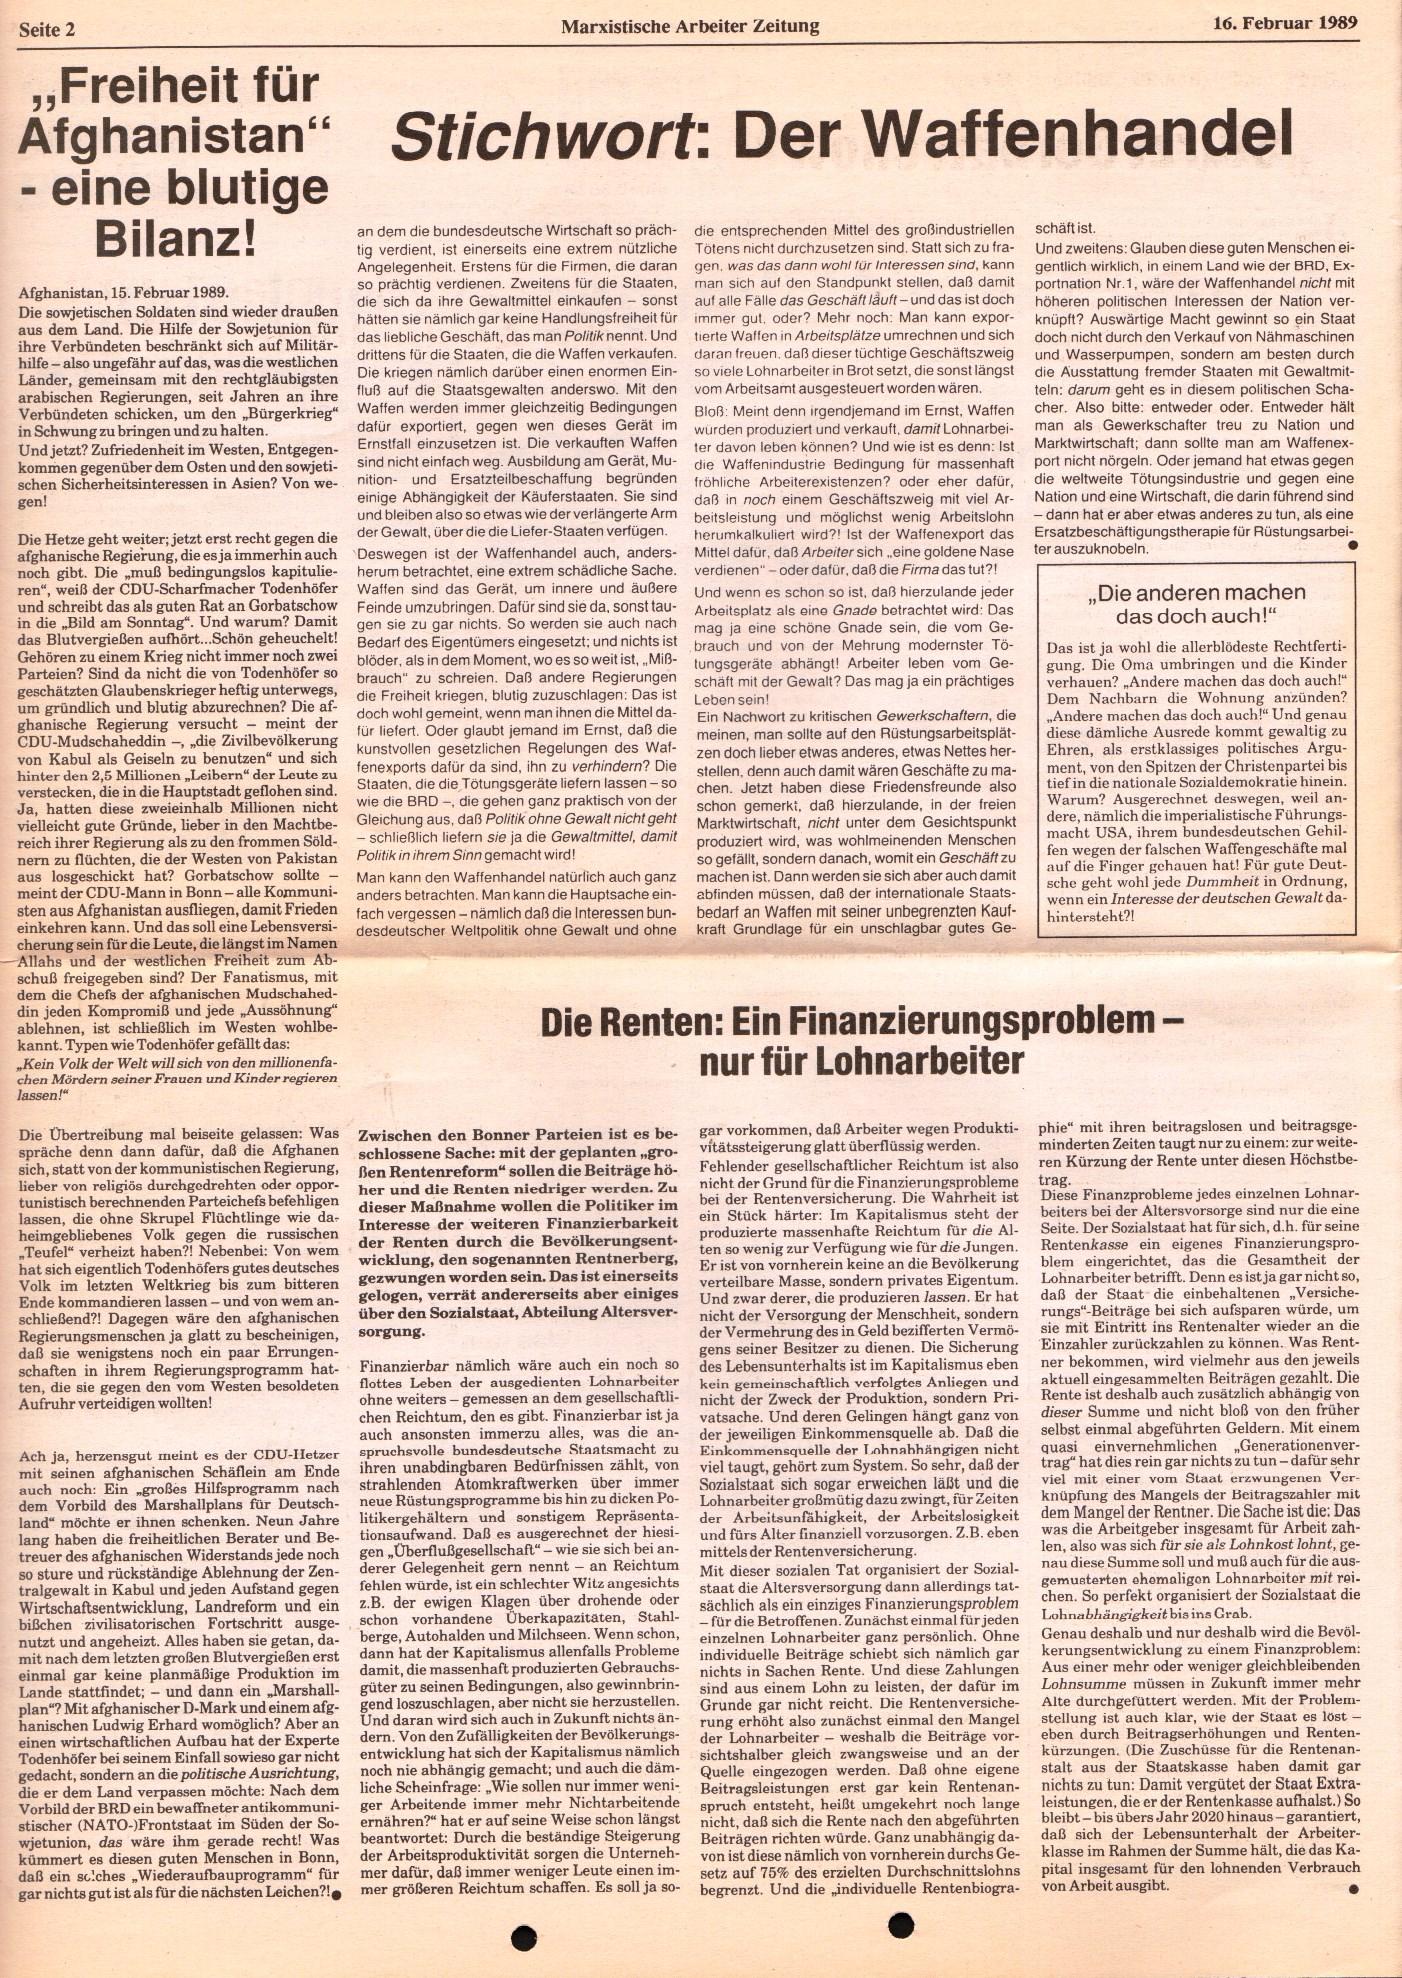 BW_MG_Marxistische_Arbeiterzeitung_19890216_02